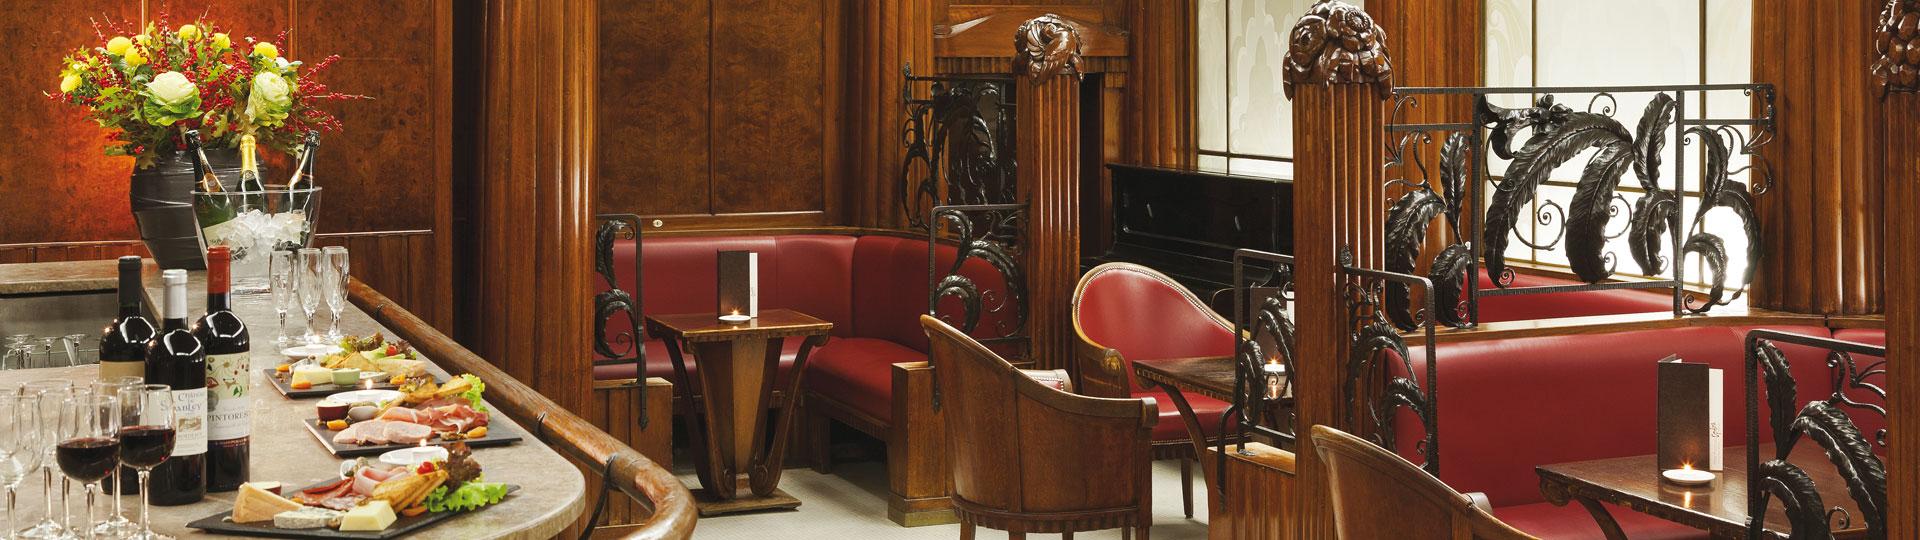 réservation hotel paris